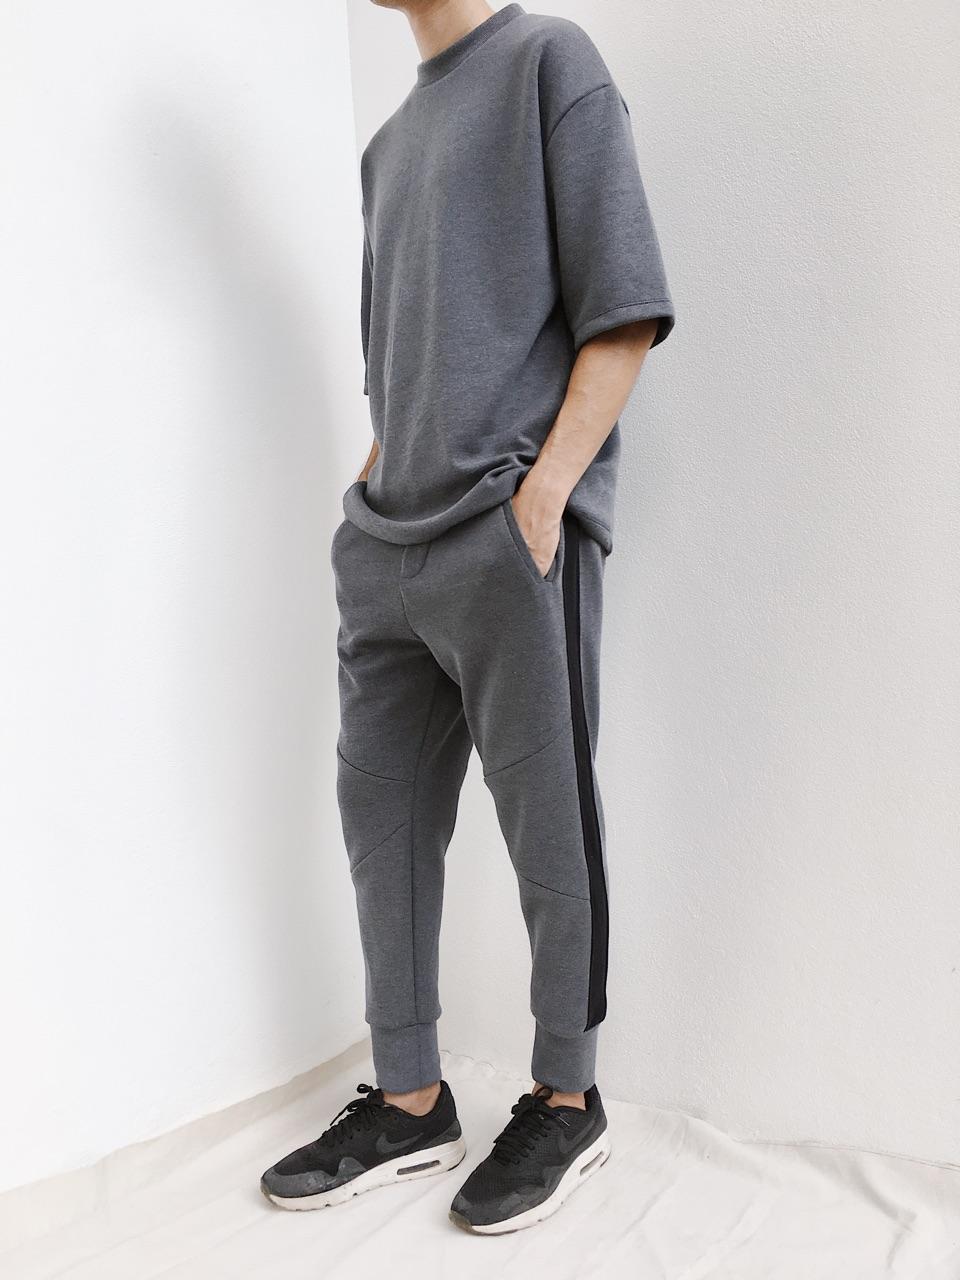 Set เสื้อยืดคอกลม + กางเกงขายาว : 990 THB